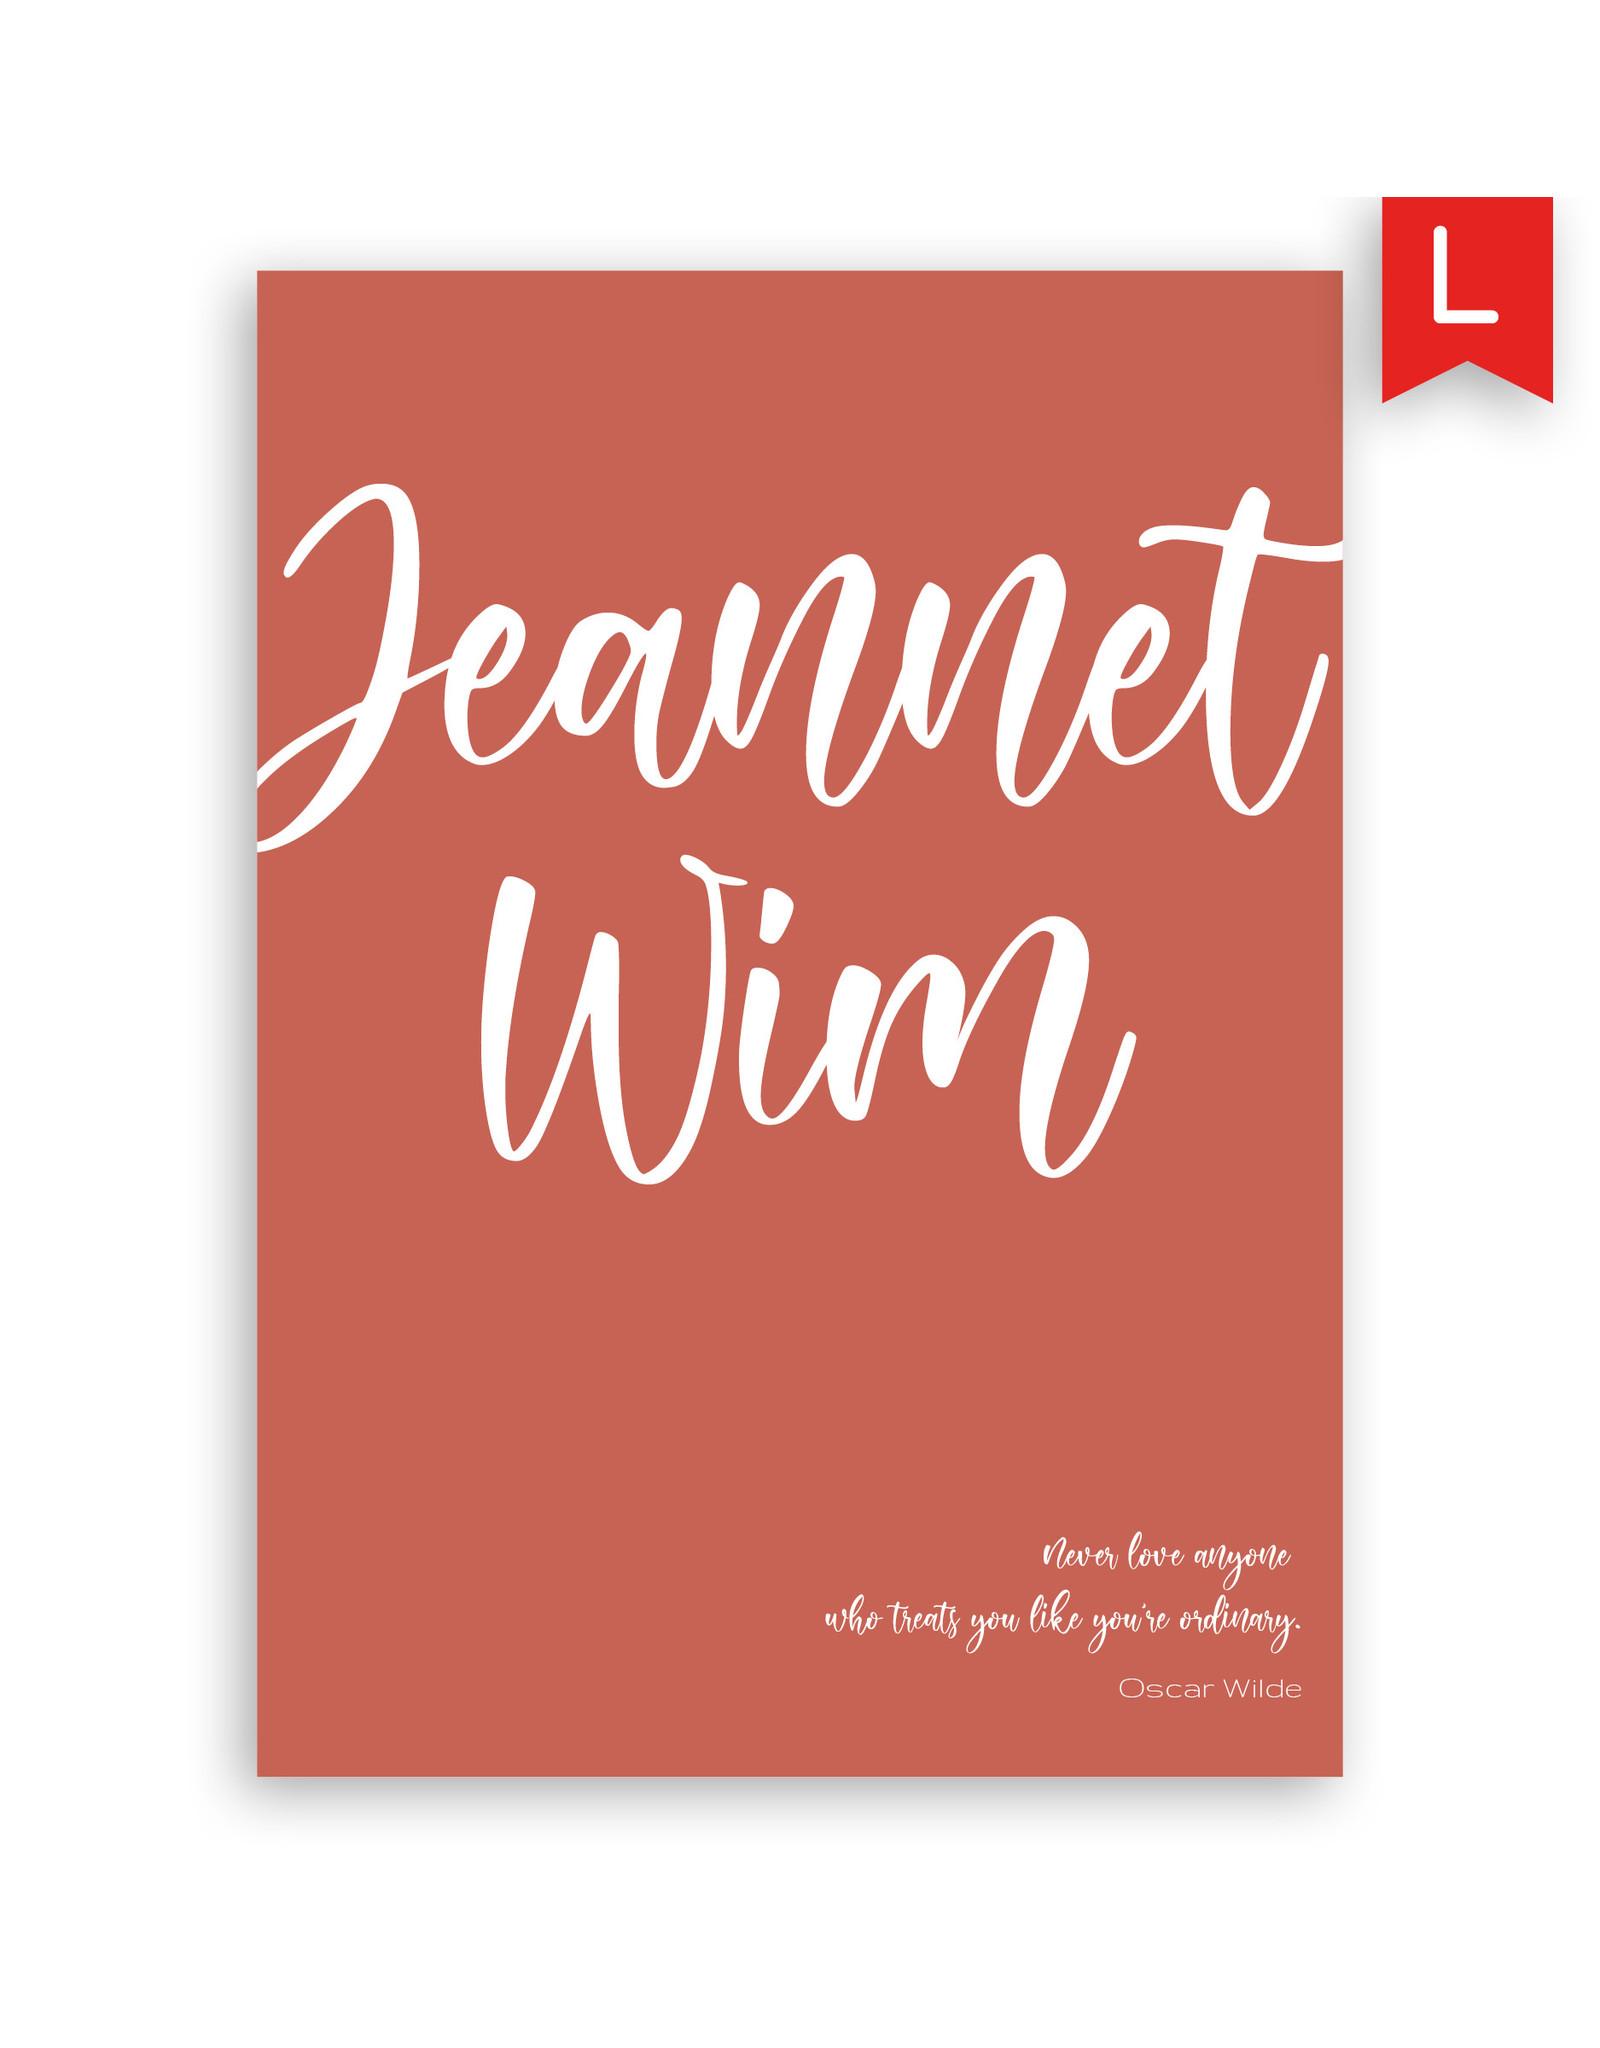 www.Robin.cards Trouwkaart luxe enkel rechthoek Wim en Jeannet